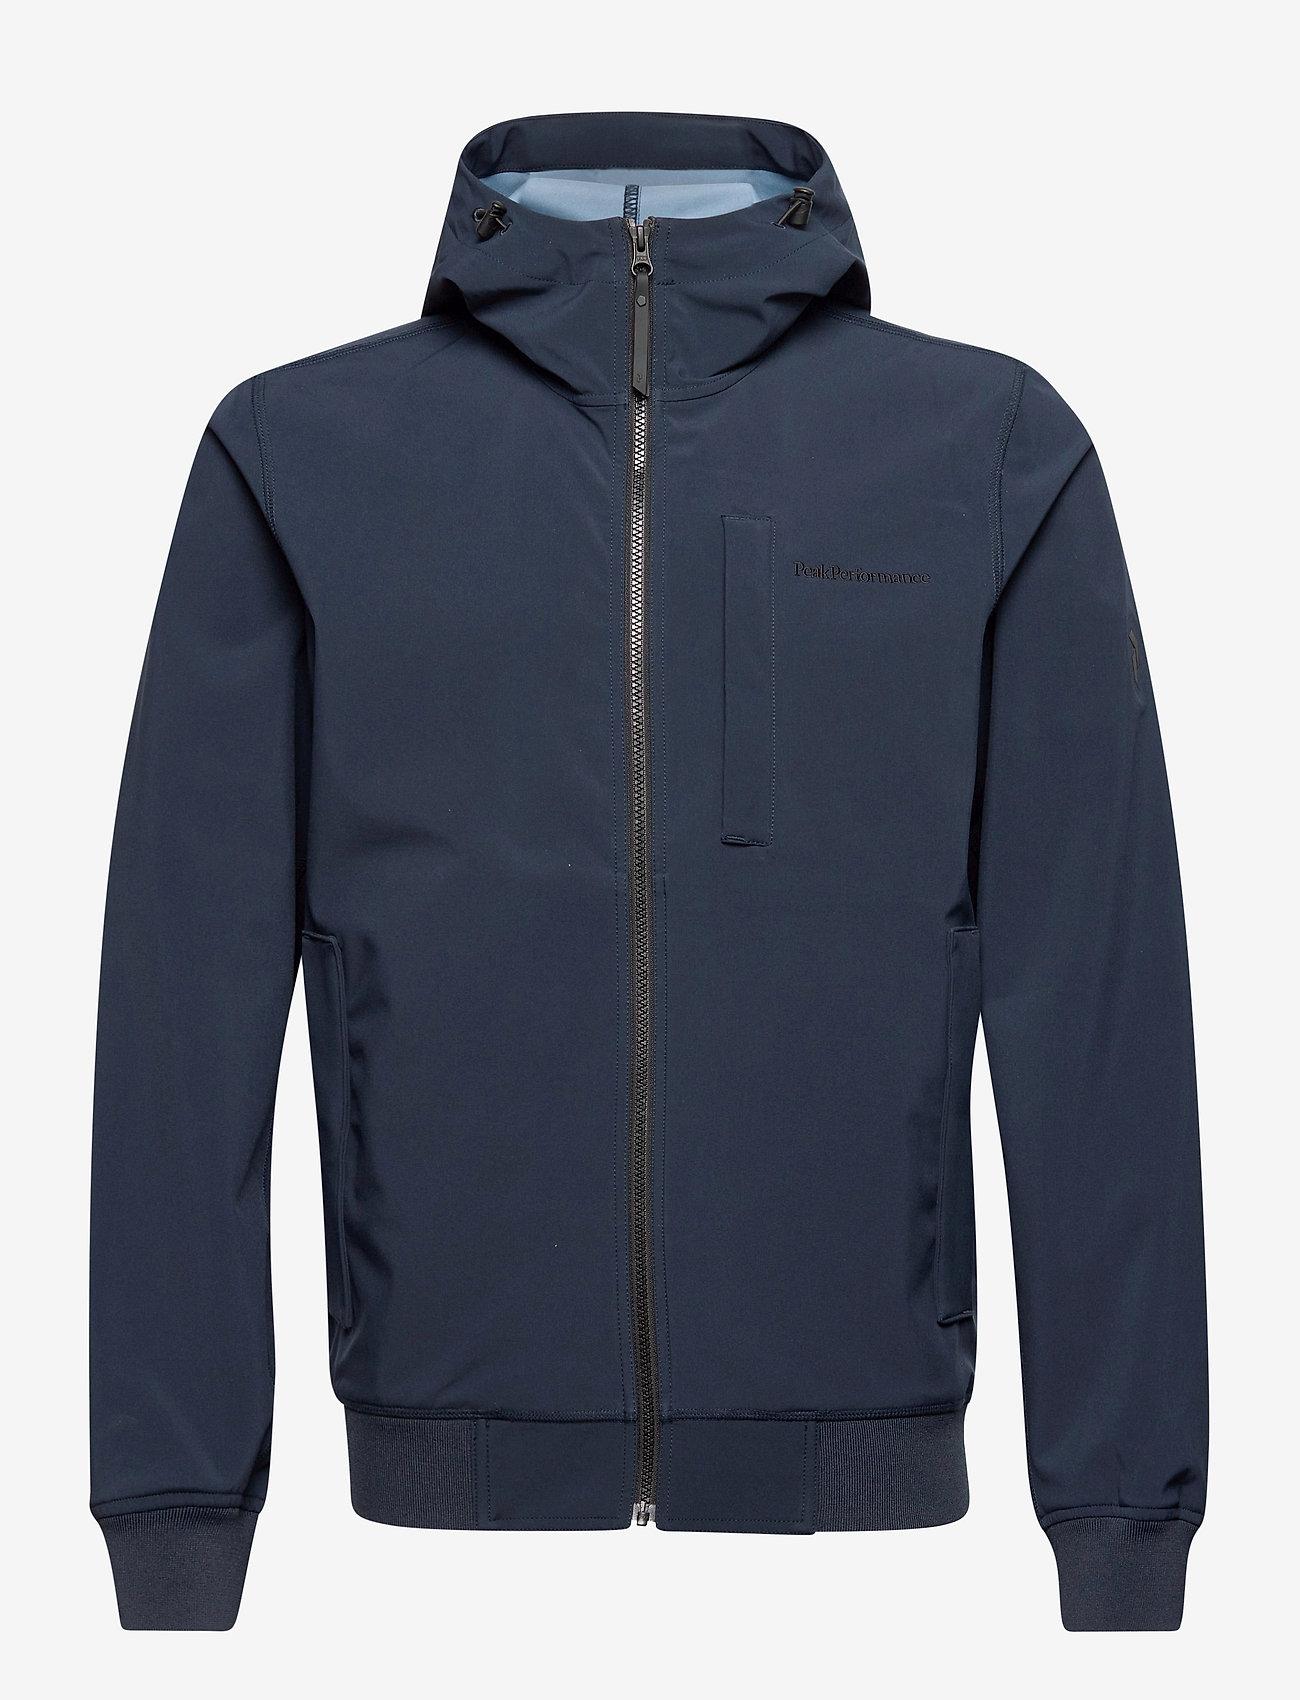 Peak Performance - M Softshell Hood Jacket - ulkoilu- & sadetakit - blue shadow   dark haze - 0